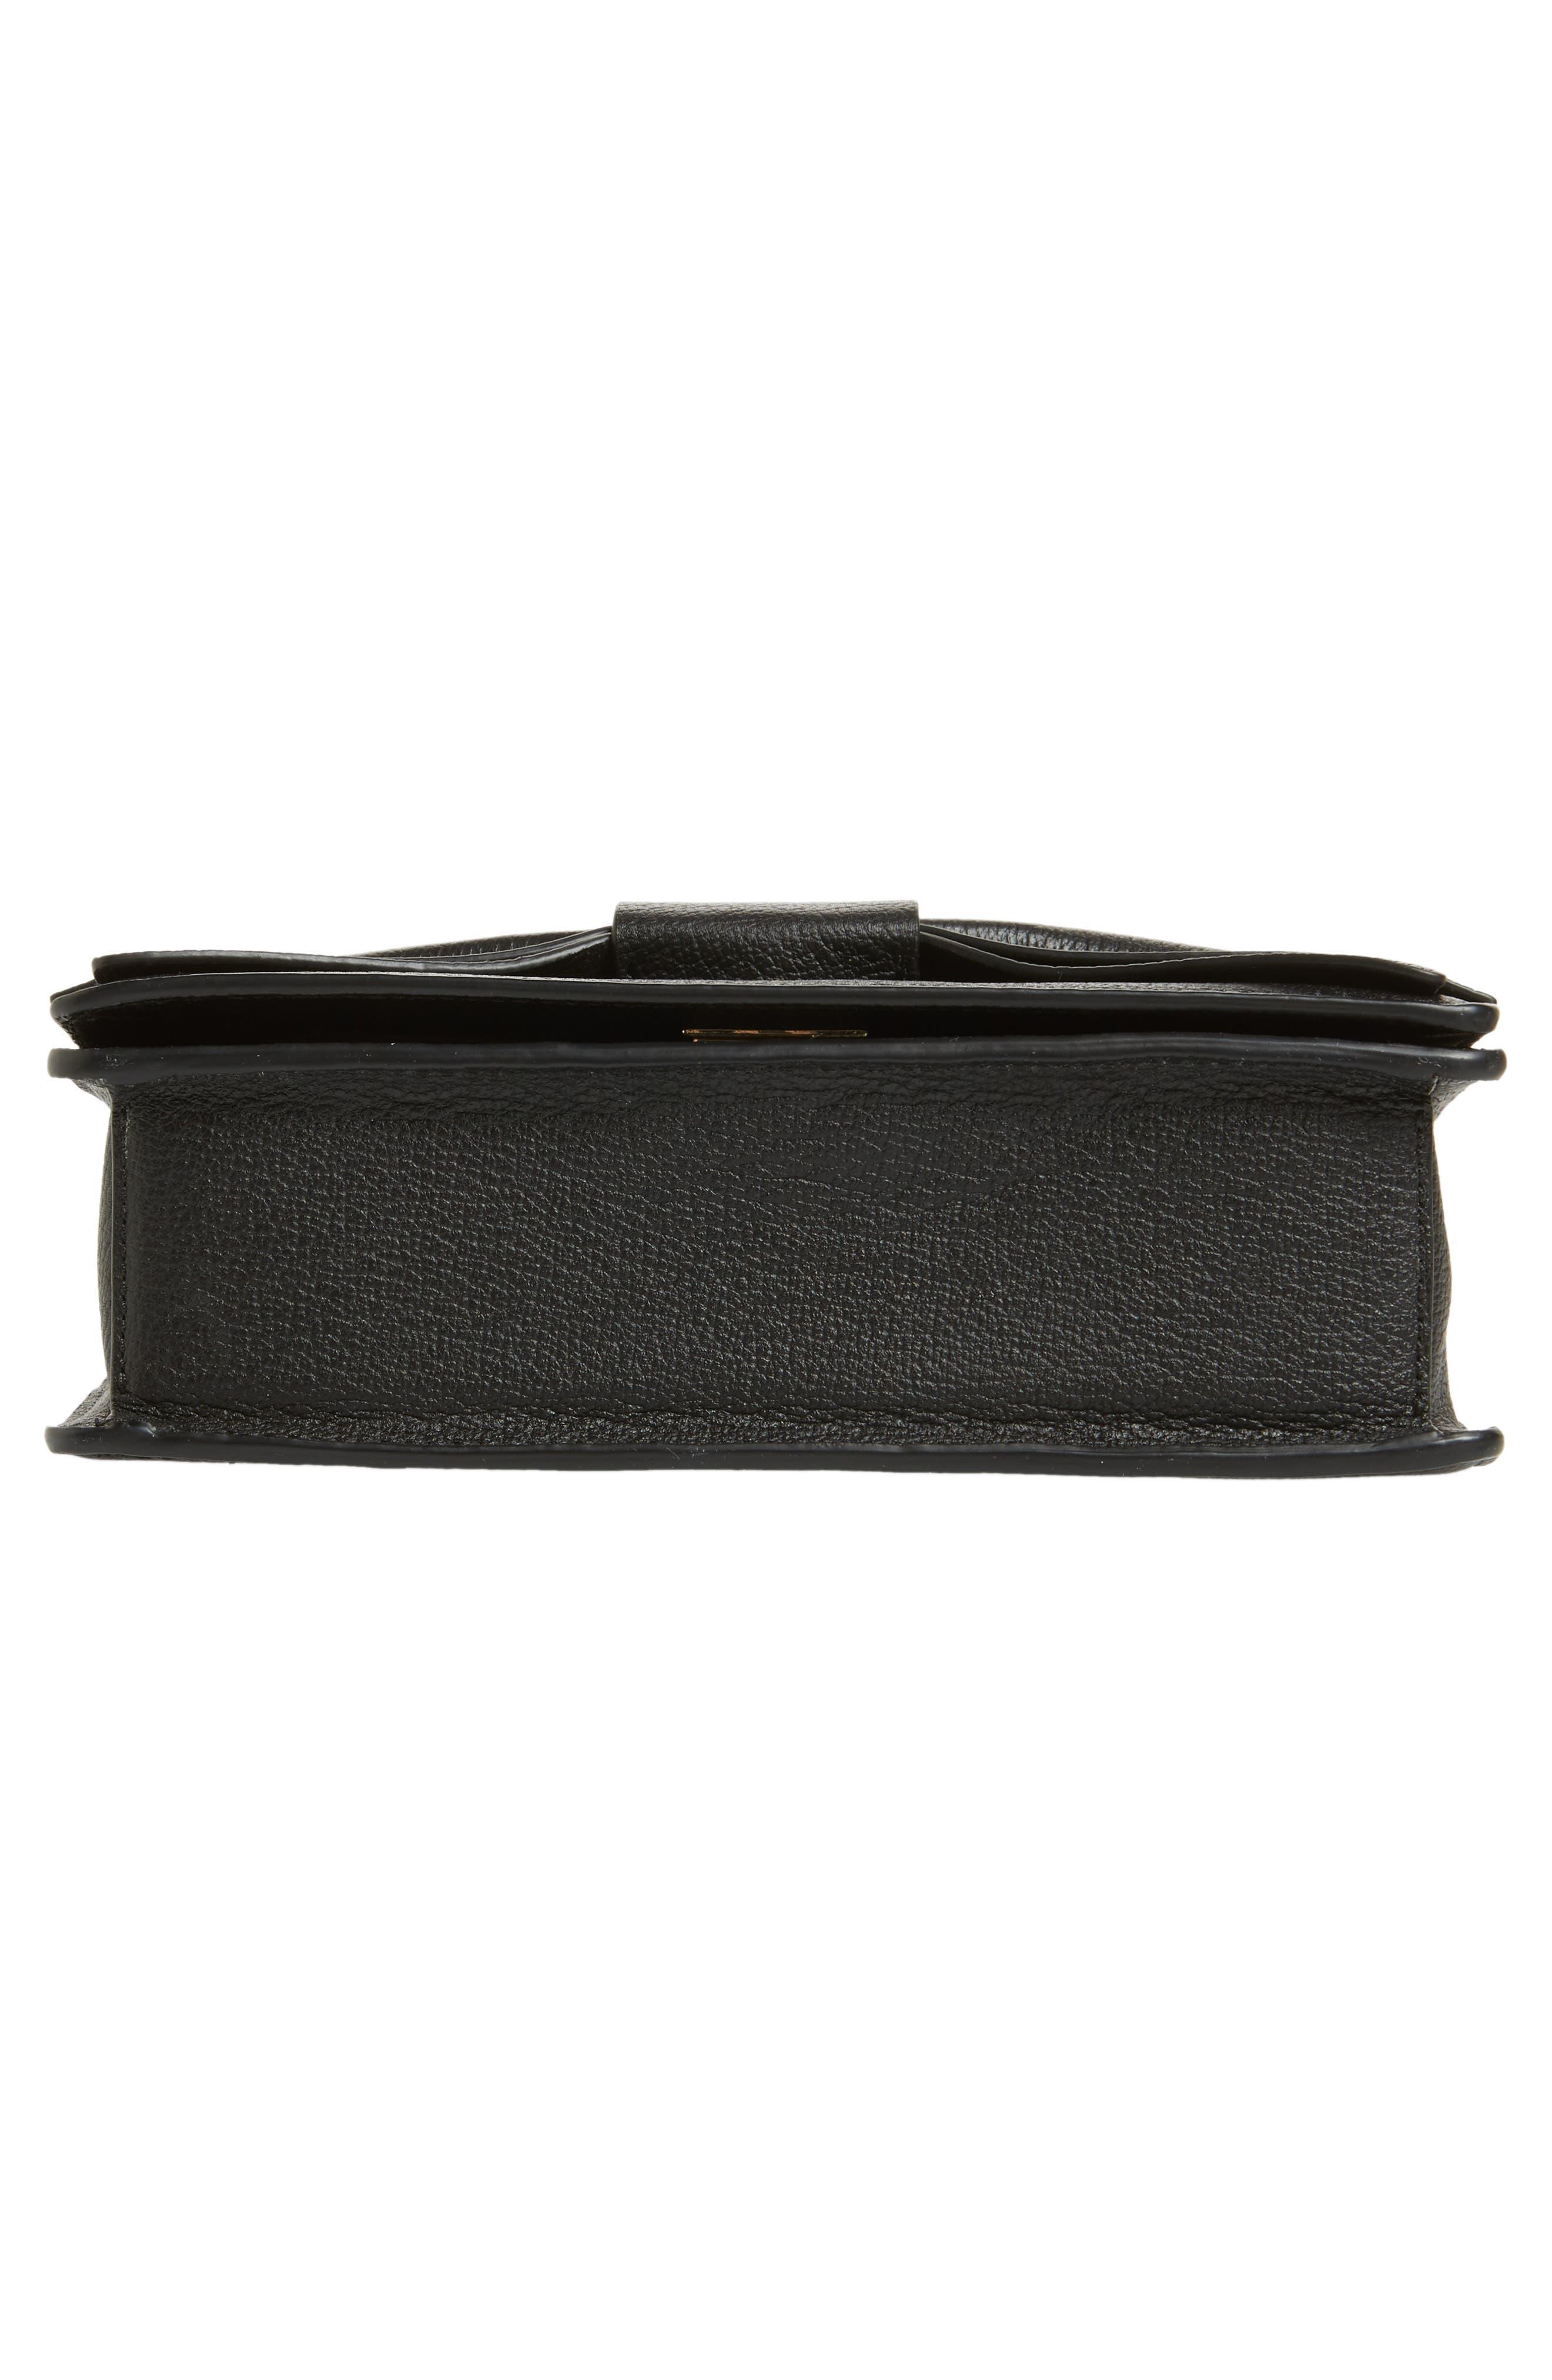 olive drive - marci leather shoulder bag,                             Alternate thumbnail 6, color,                             001